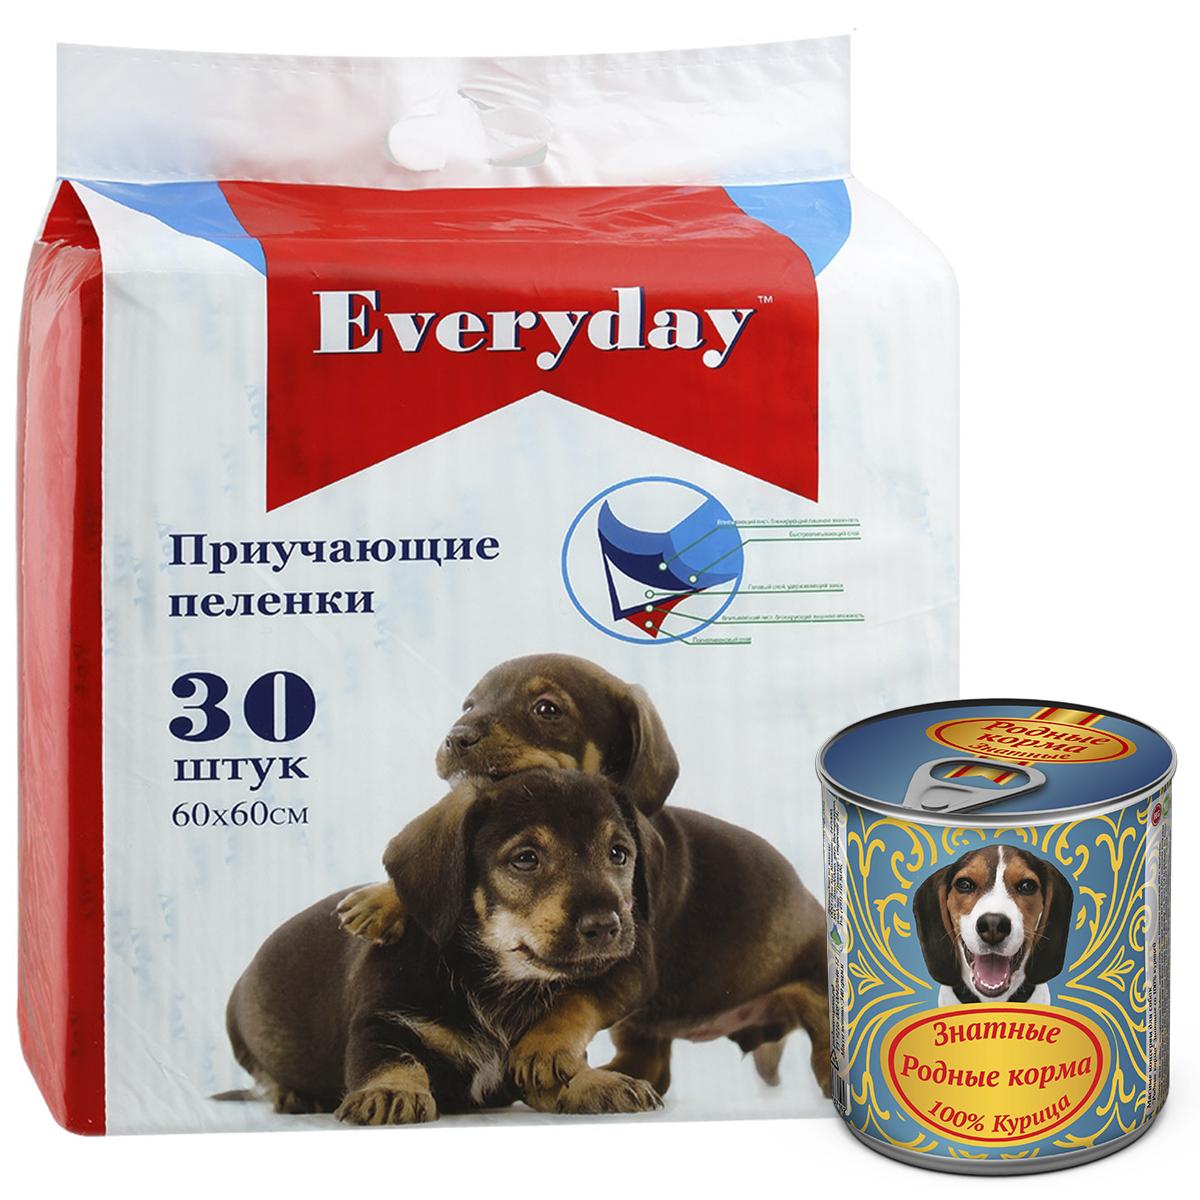 Впитывающие пеленки для животных Everyday, гелевые, 60х60 см, 30 шт + ПОДАРОК: Консервы для собак Родные корма Знатные, 100 % Курица, 340 г65425Пелёнки изготовлены под девизом: Цена+качество+ гигиена+комфорт. Имеют ненавязчивый привлекающий аромат. Содержат специальный гель внутри впитывающего слоя, что позволяет продлить срок использования гигиенического изделия. Всегда чисто! Всегда сухо! + ПОДАРОК Консервы РОДНЫЕ КОРМА Знатные 100 % Курица для собак 340 г